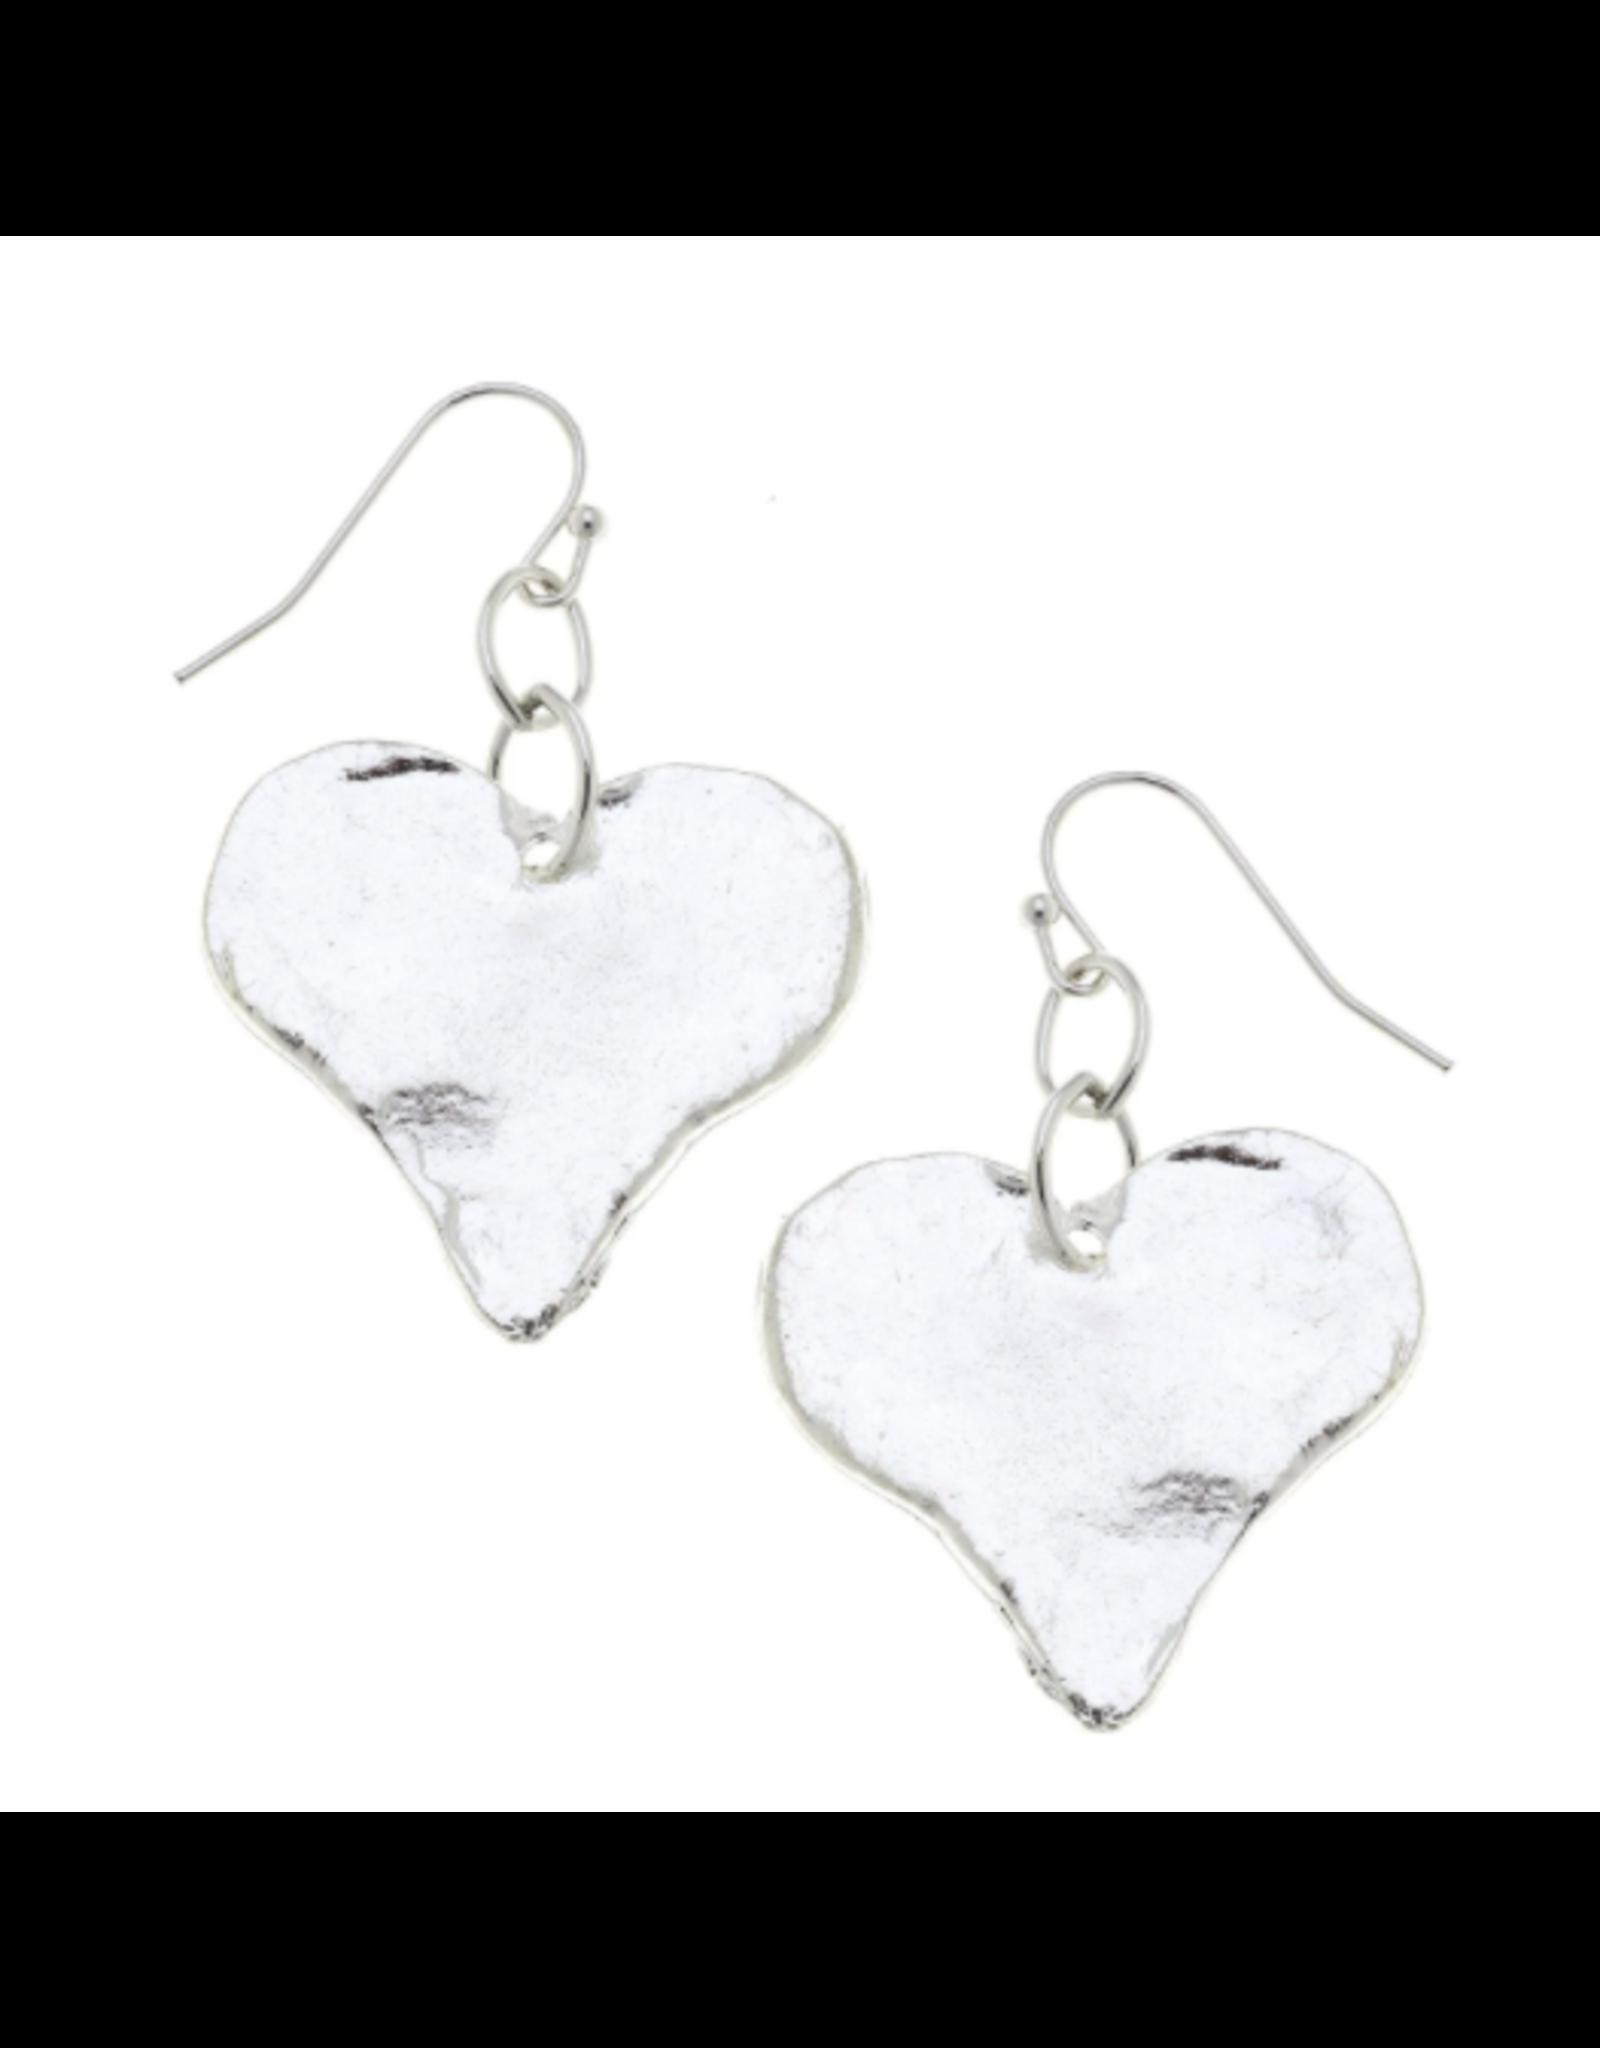 Susan Shaw Heart Dangle Earrings in Silver by Susan Shaw